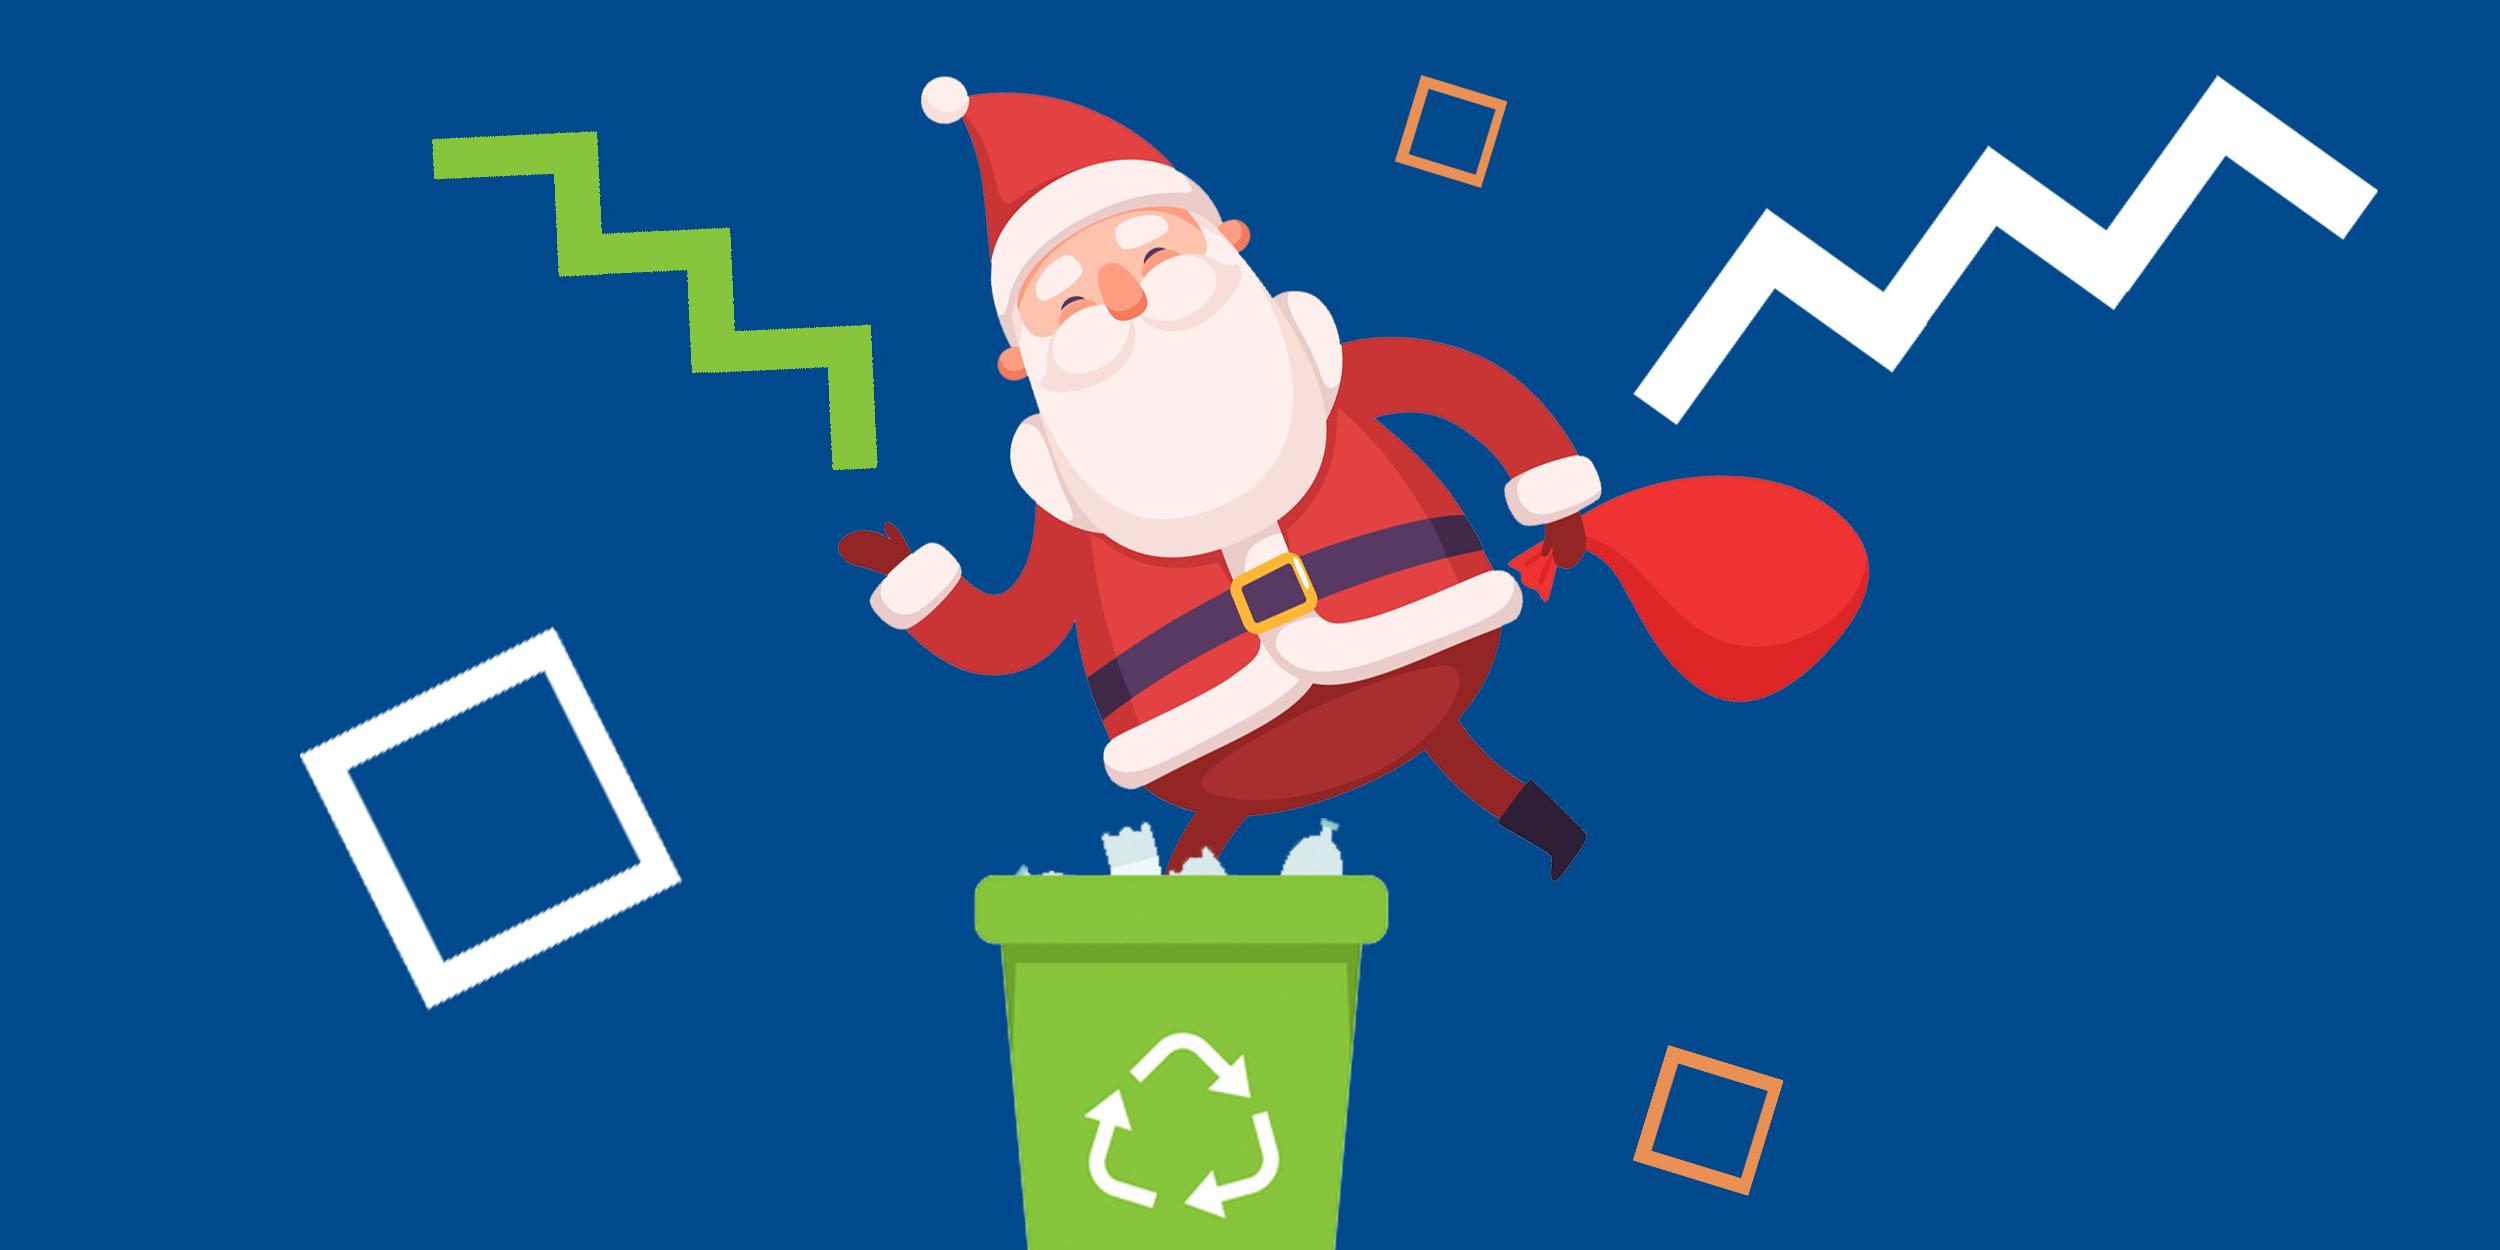 Подкаст Лайфхакера: почему нет новогоднего настроения и что с этим делать